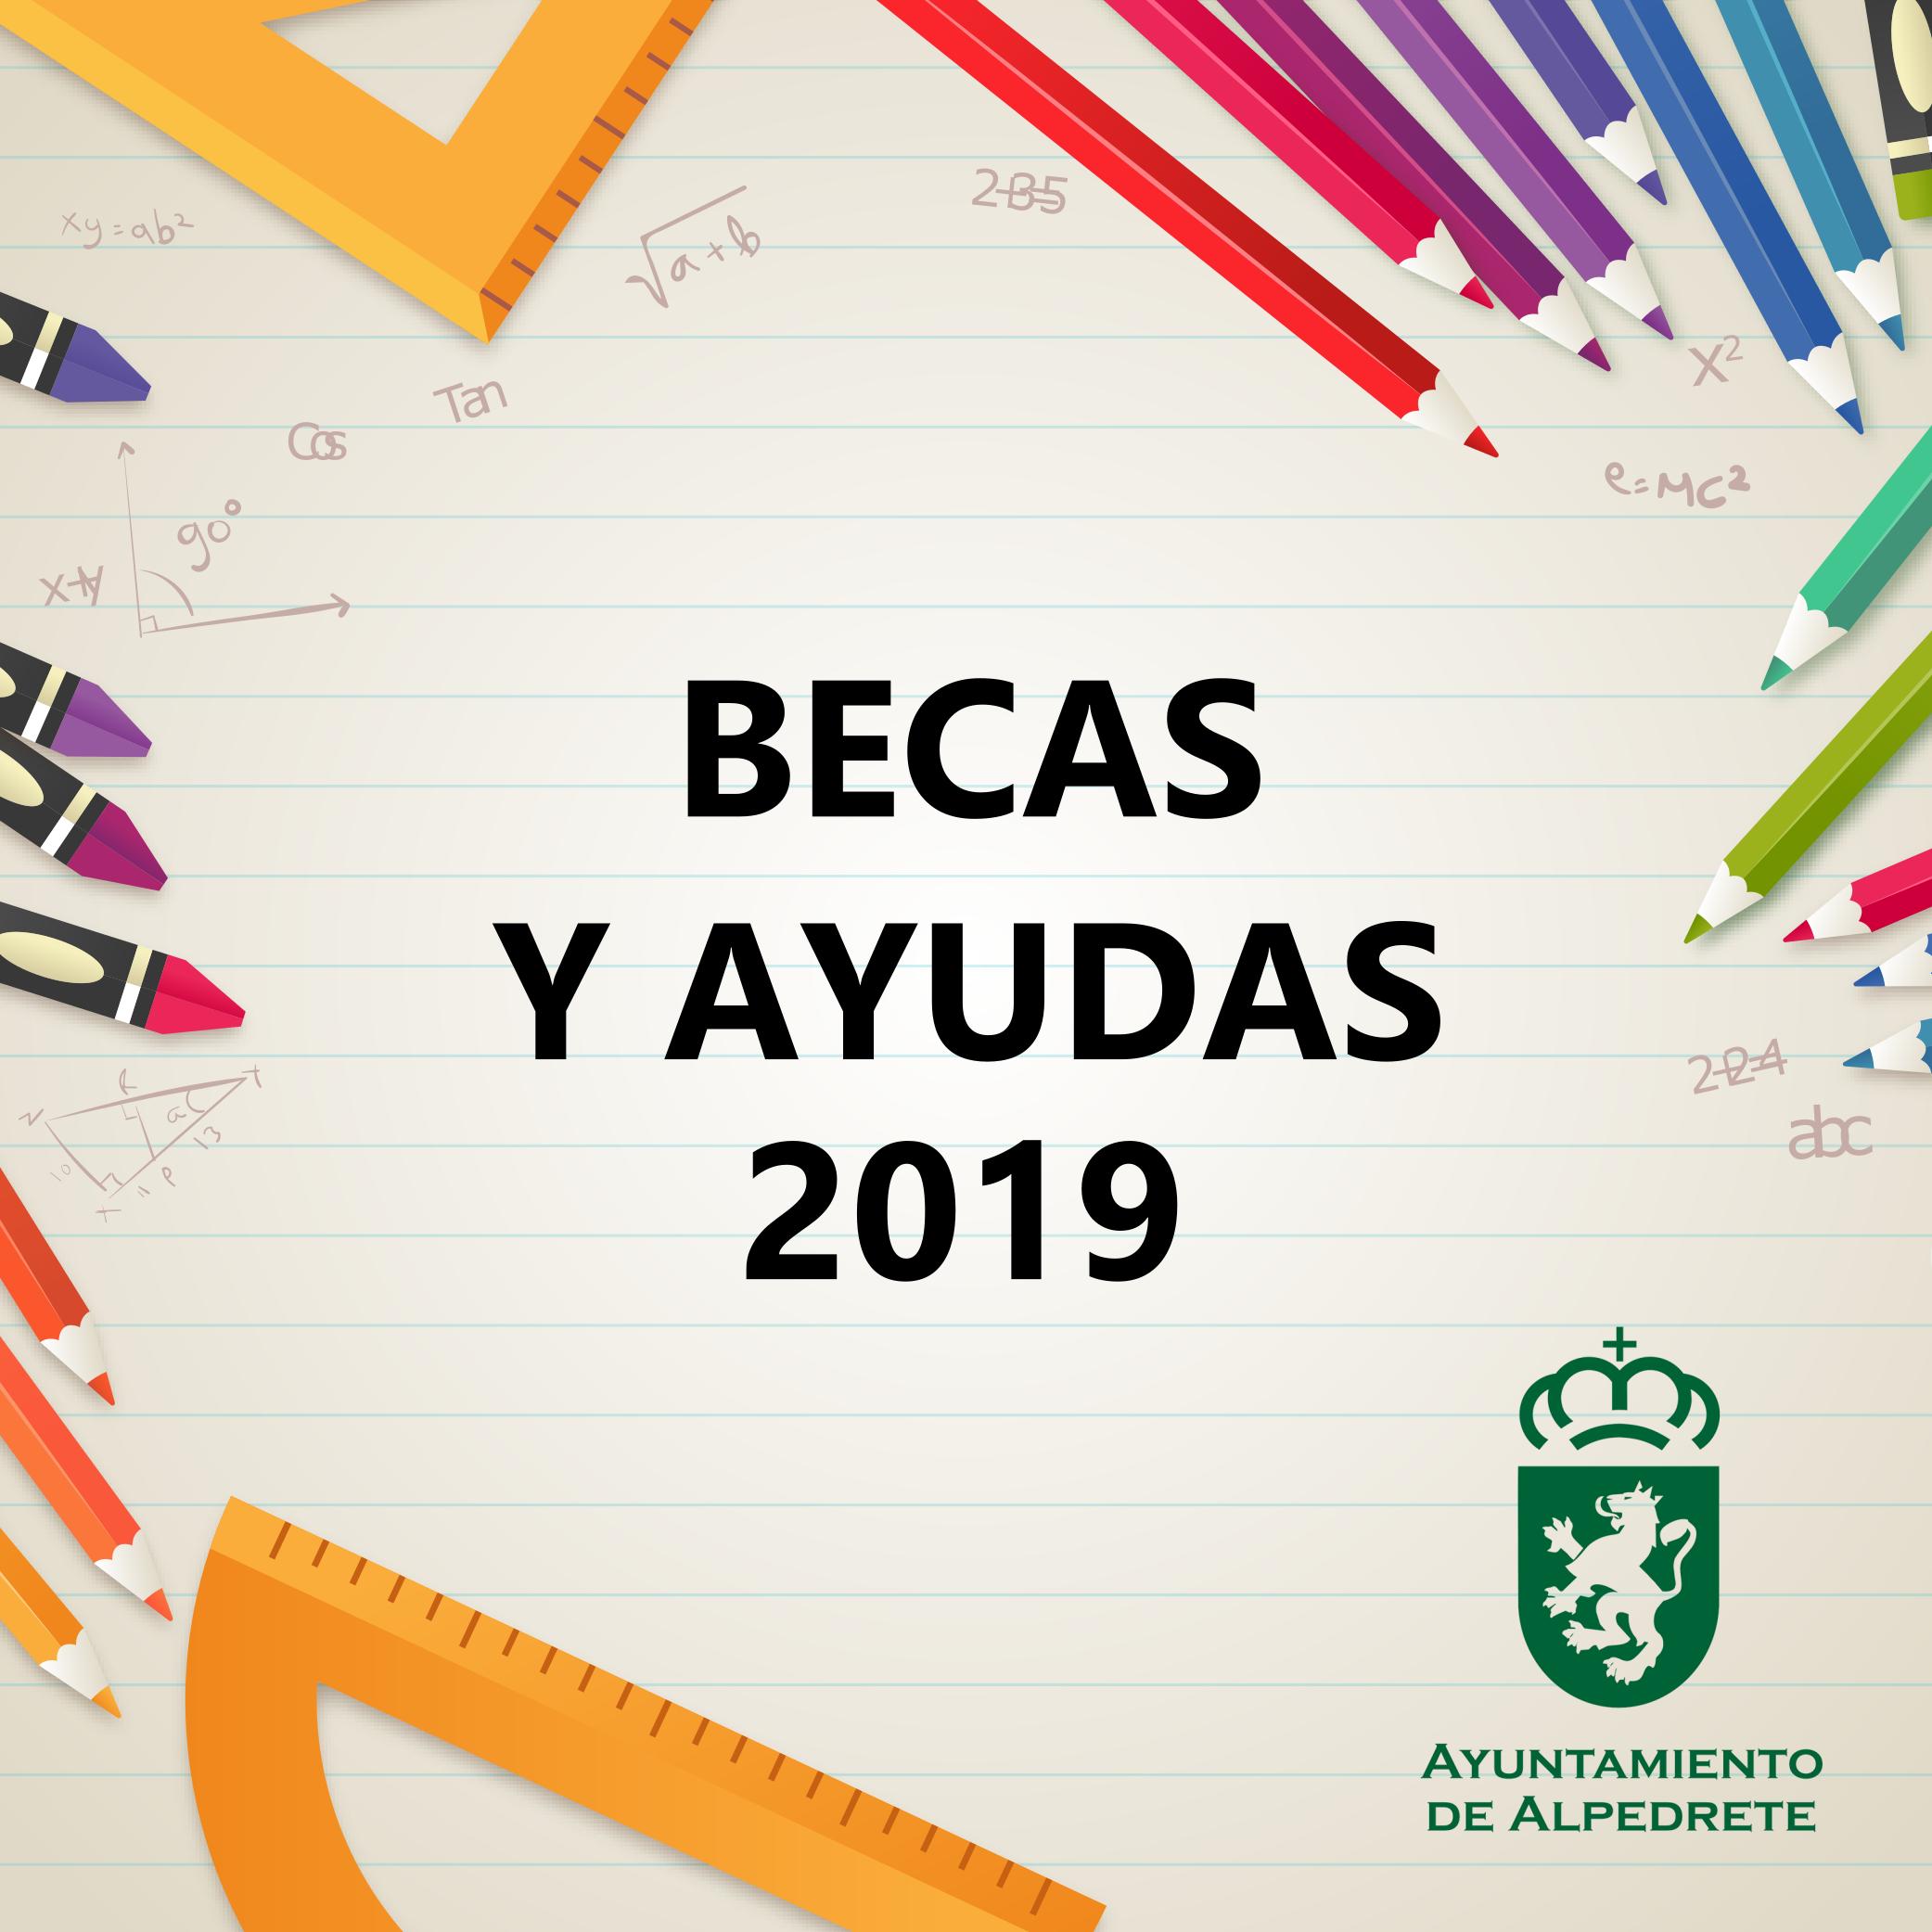 Imagen de la noticia Becas y ayudas a familias 2019